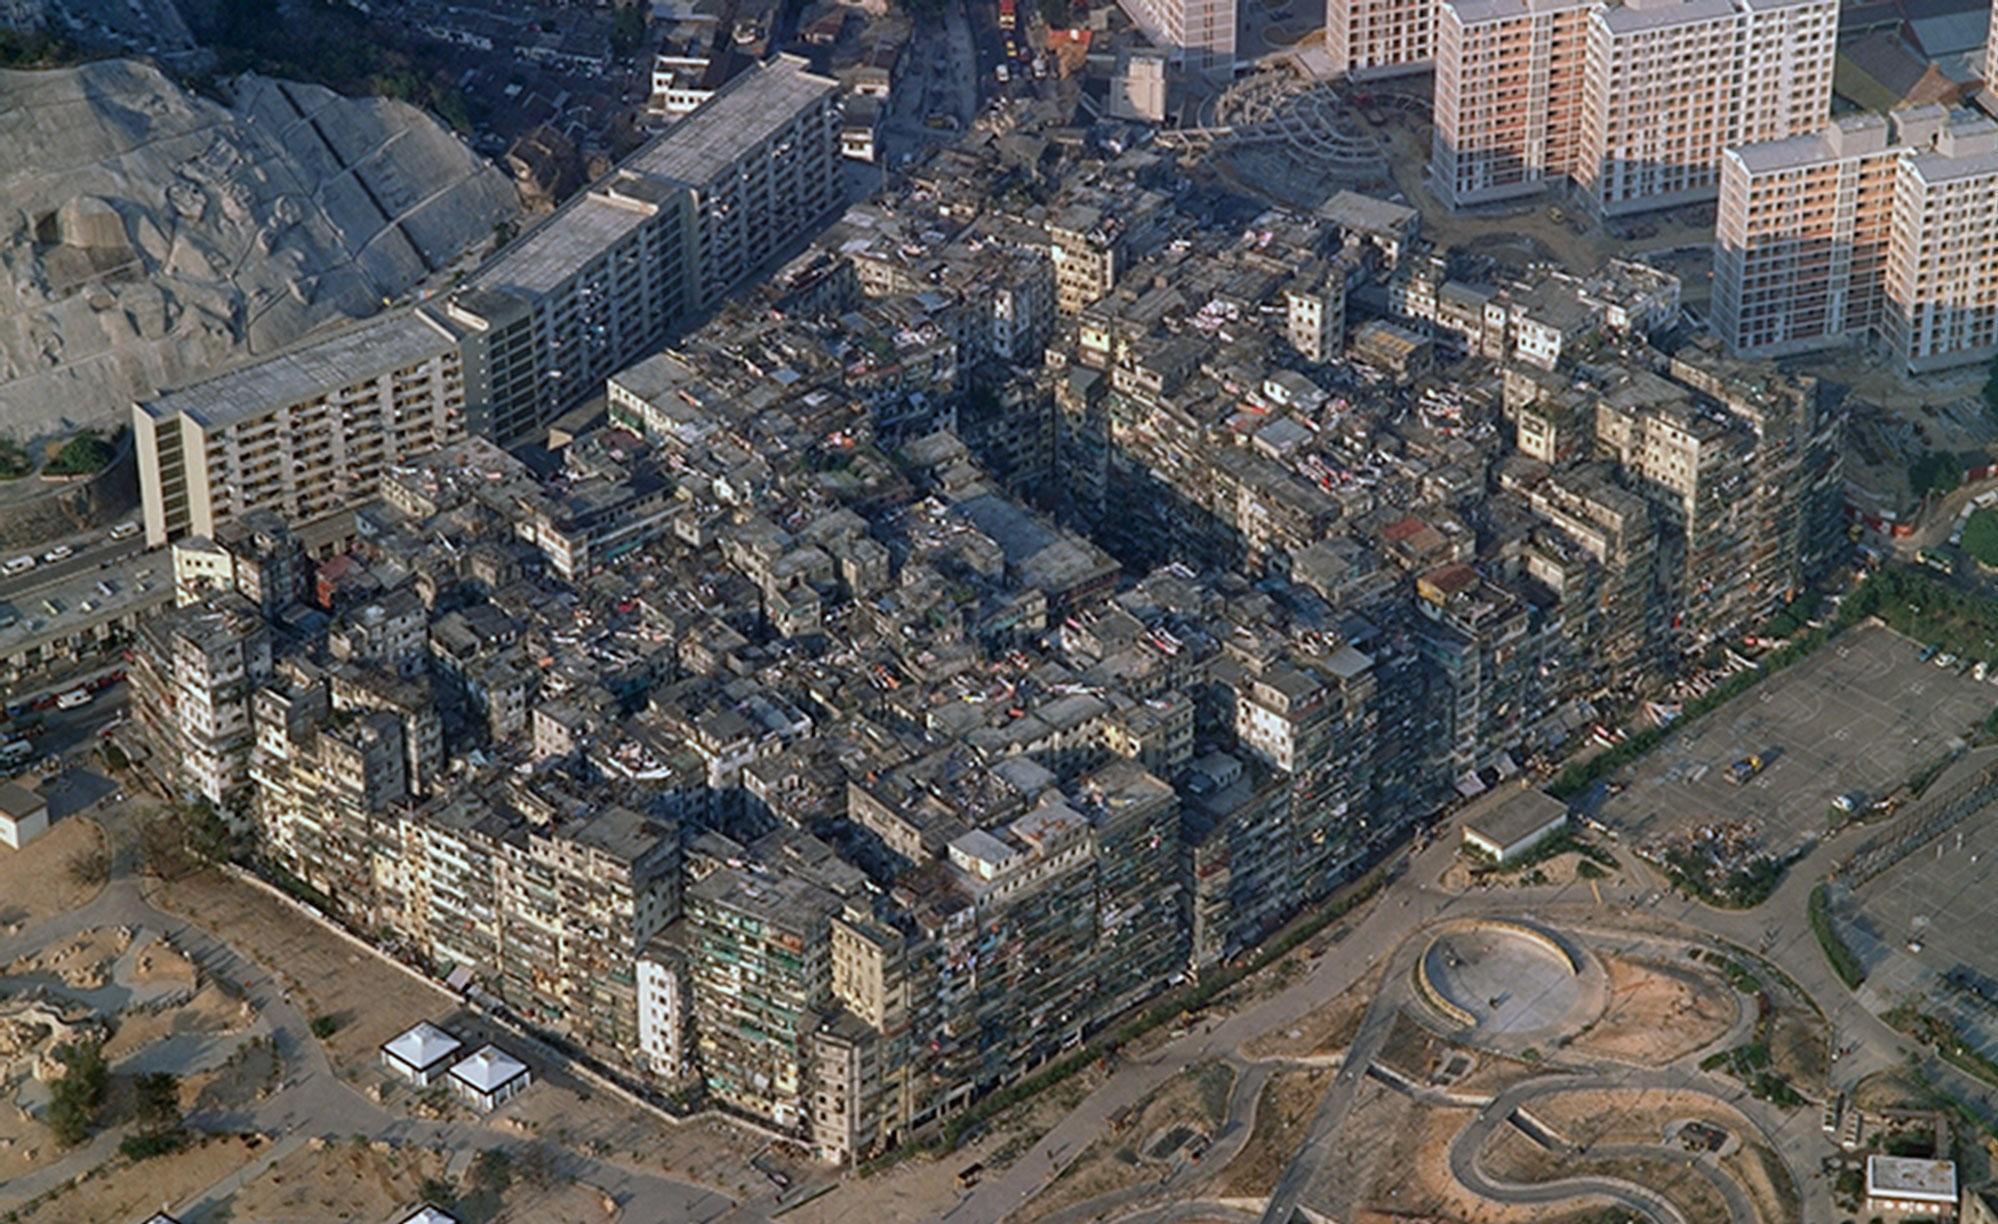 På et område tilsvarende tre fotballbaner bodde det over 33.000 personer i det som var en lovløs enklave i Hongkong.